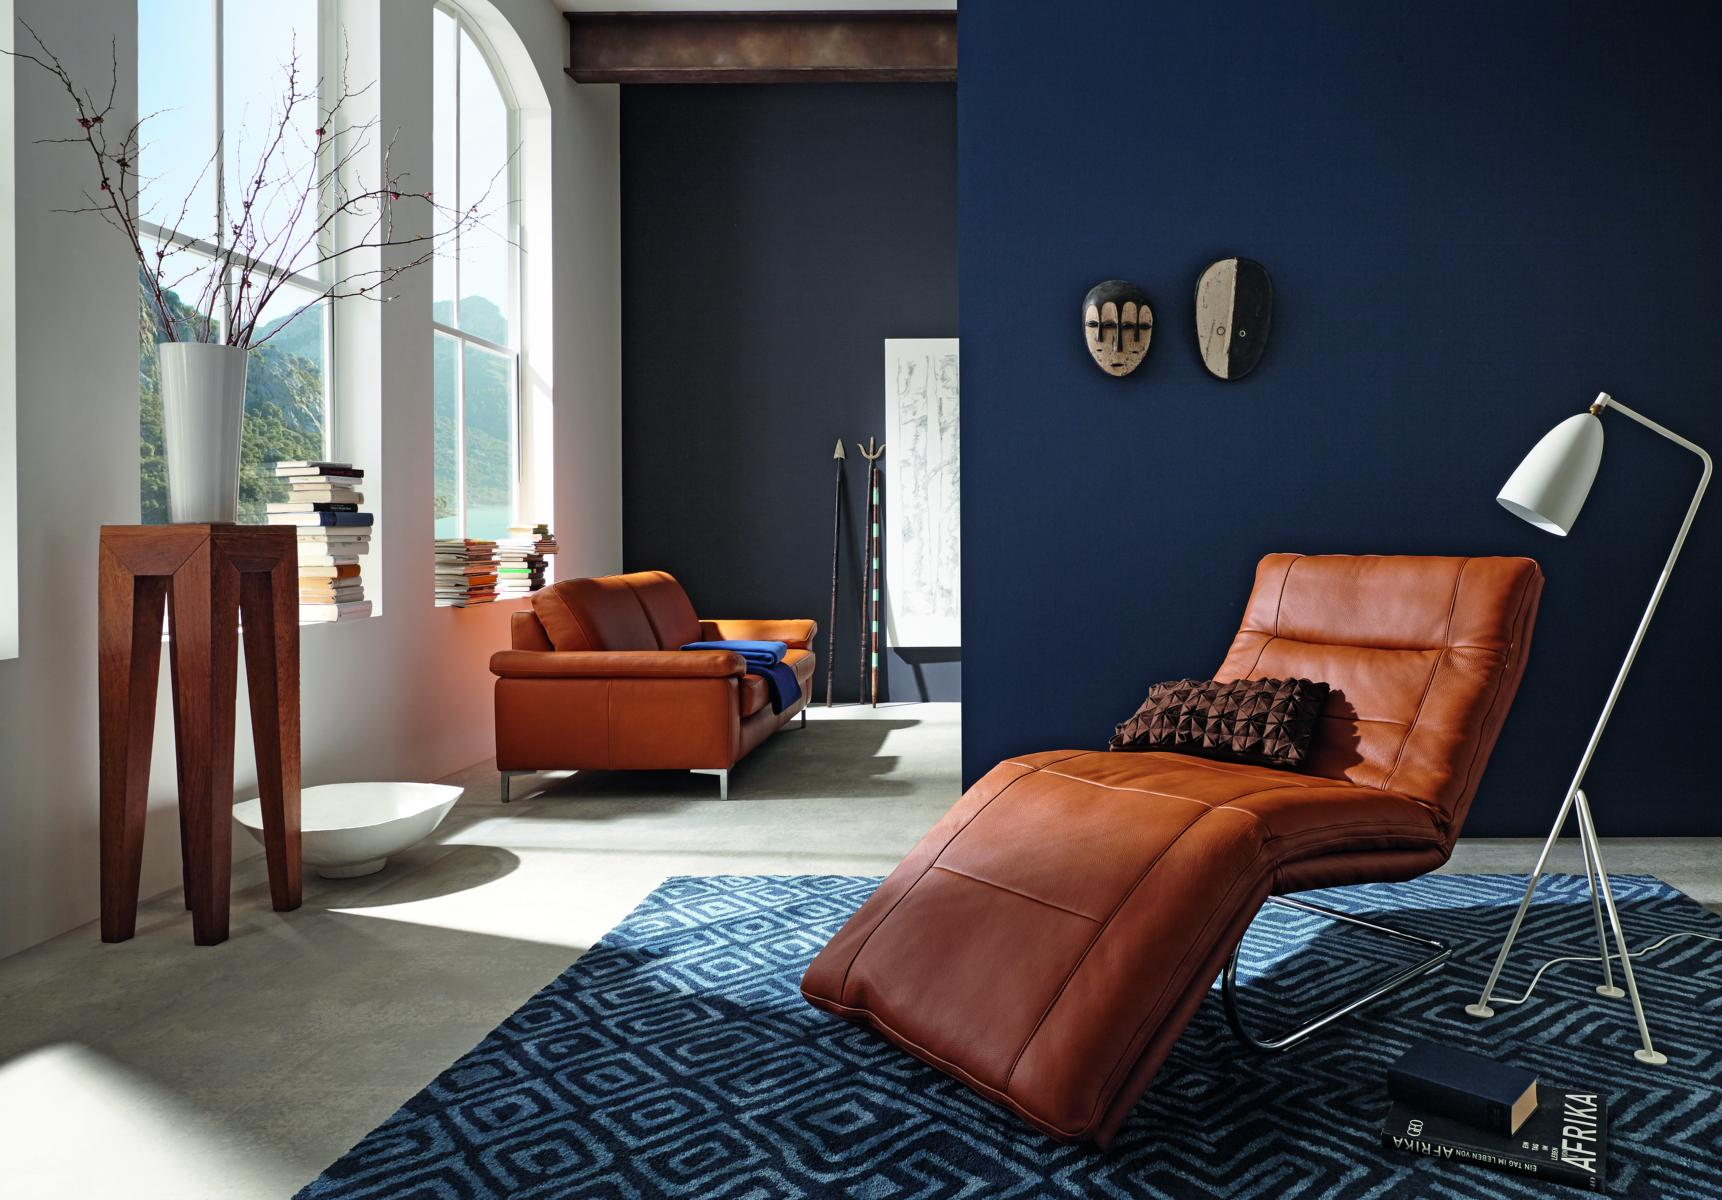 fernsehsessel tauberbischofsheim m bel schott. Black Bedroom Furniture Sets. Home Design Ideas